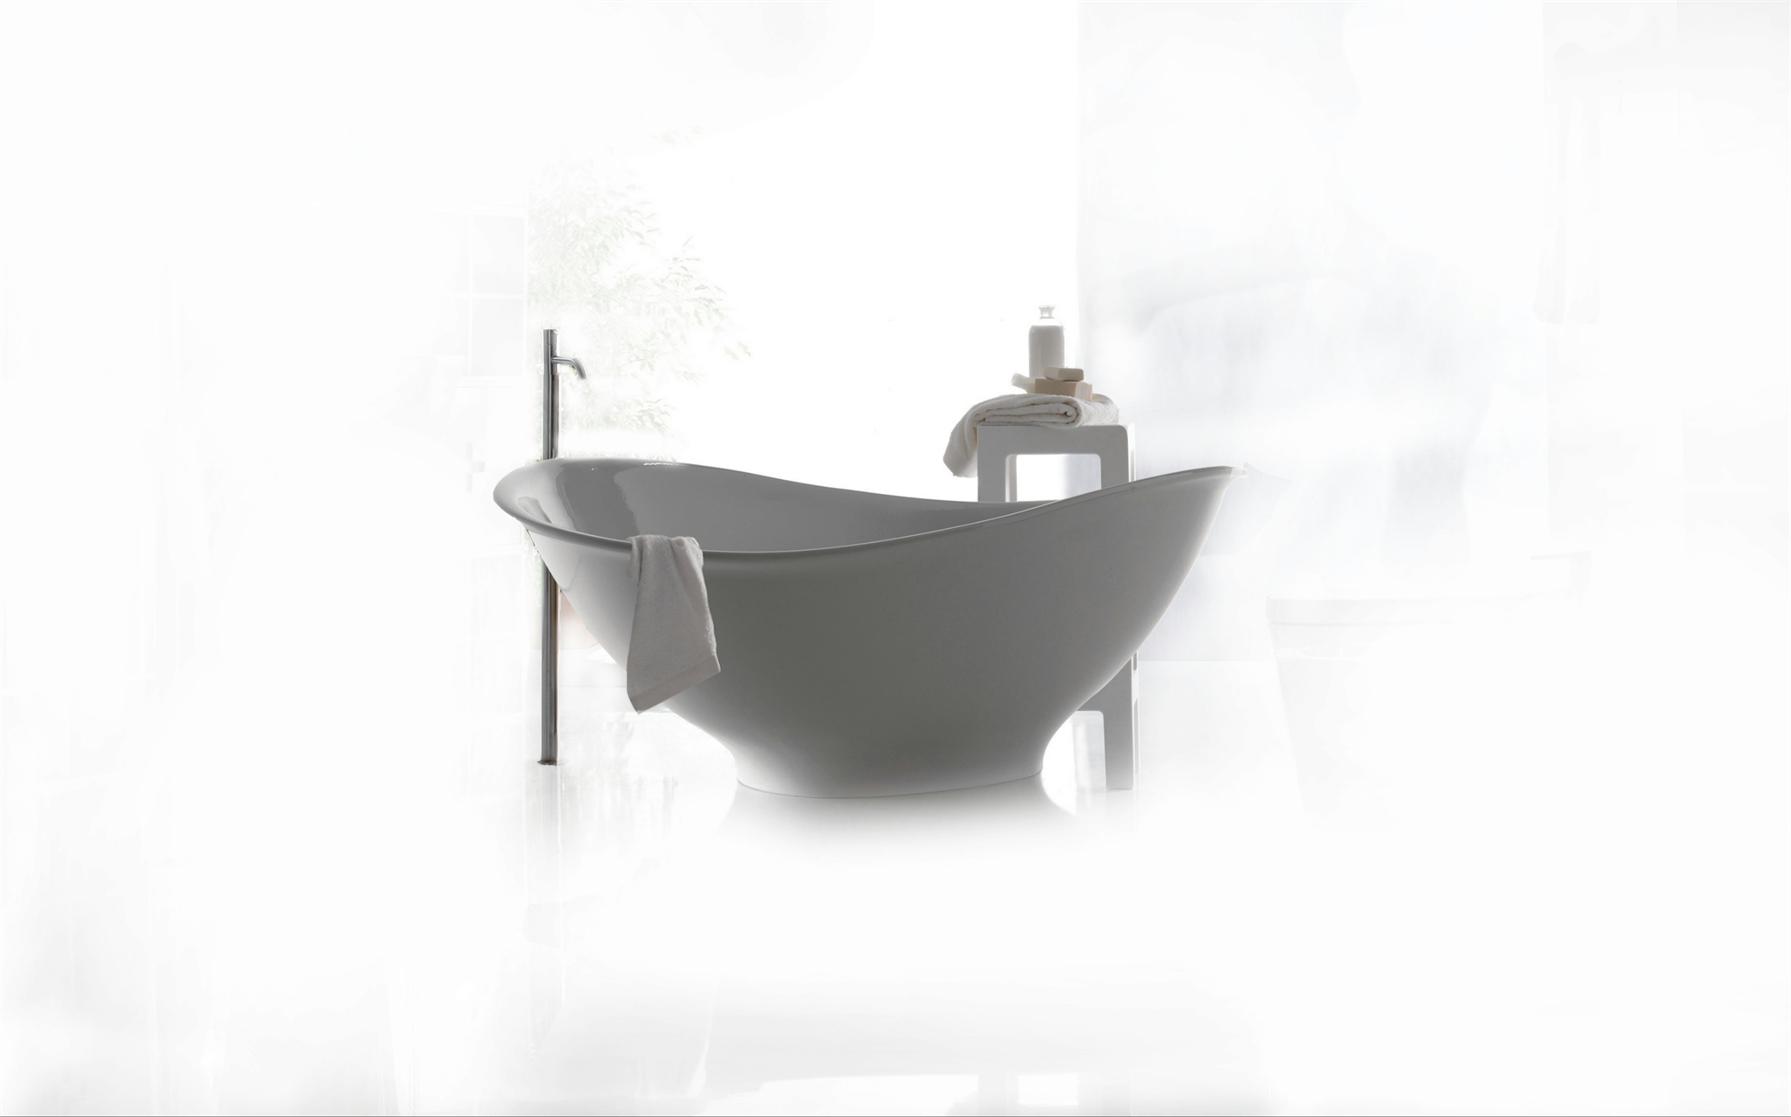 L ambiente bagno interpretato da galassia - Sognare vasca da bagno ...